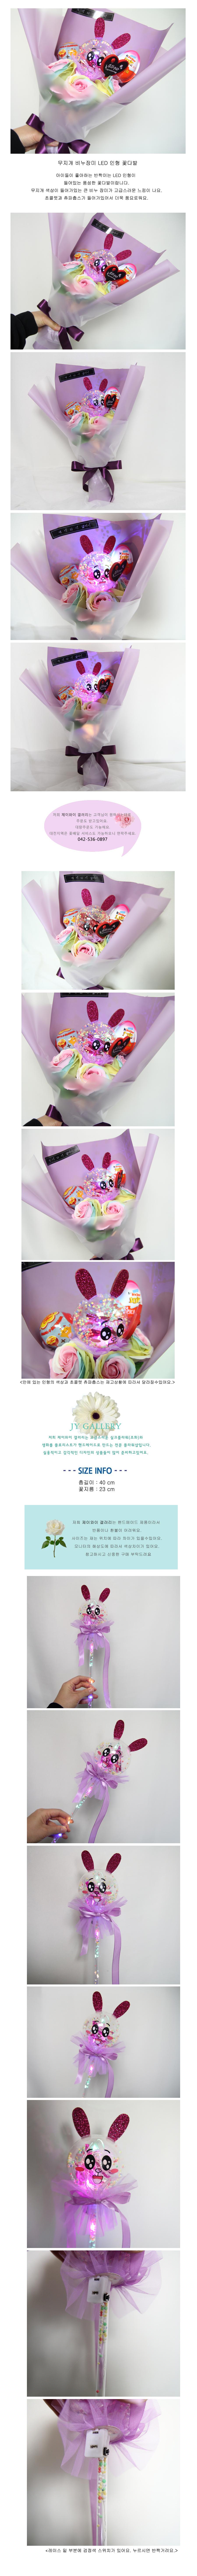 무지개 비누장미 LED인형꽃다발 - 제이와이갤러리, 27,900원, 조화, 비누꽃